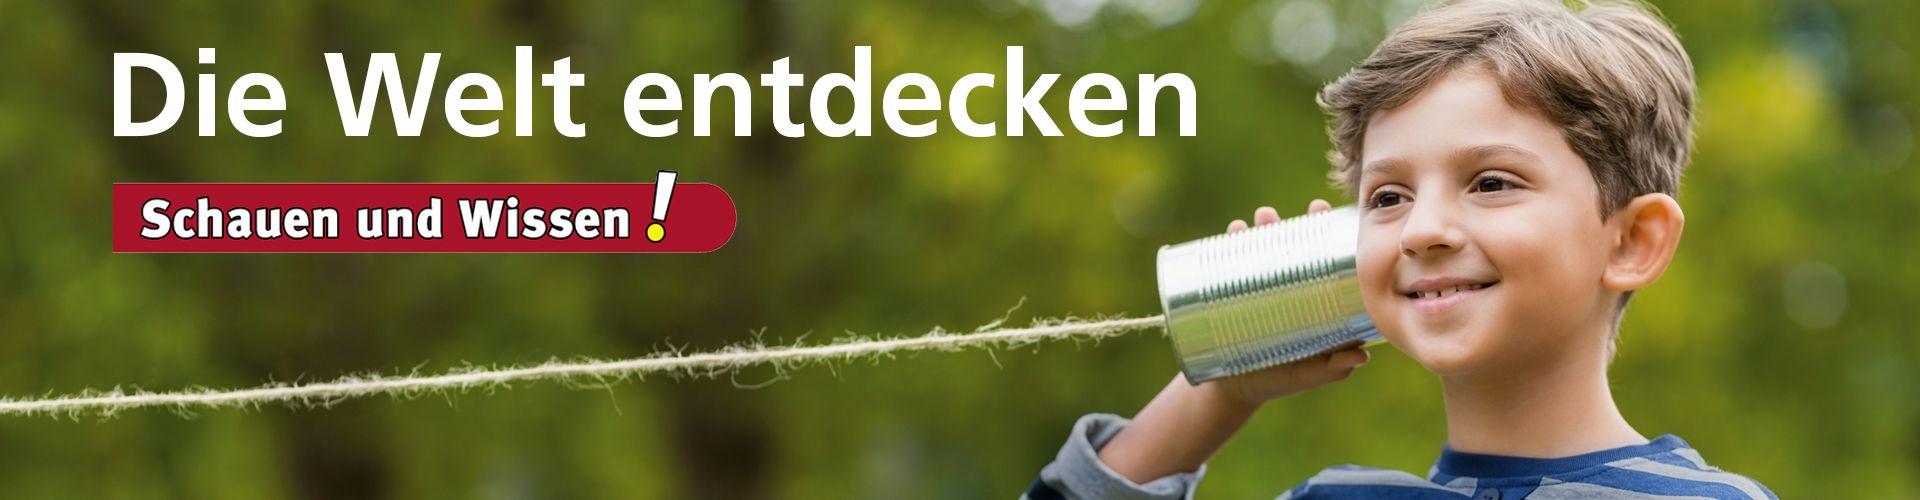 Hase und Igel Verlag - Kindersachbuch